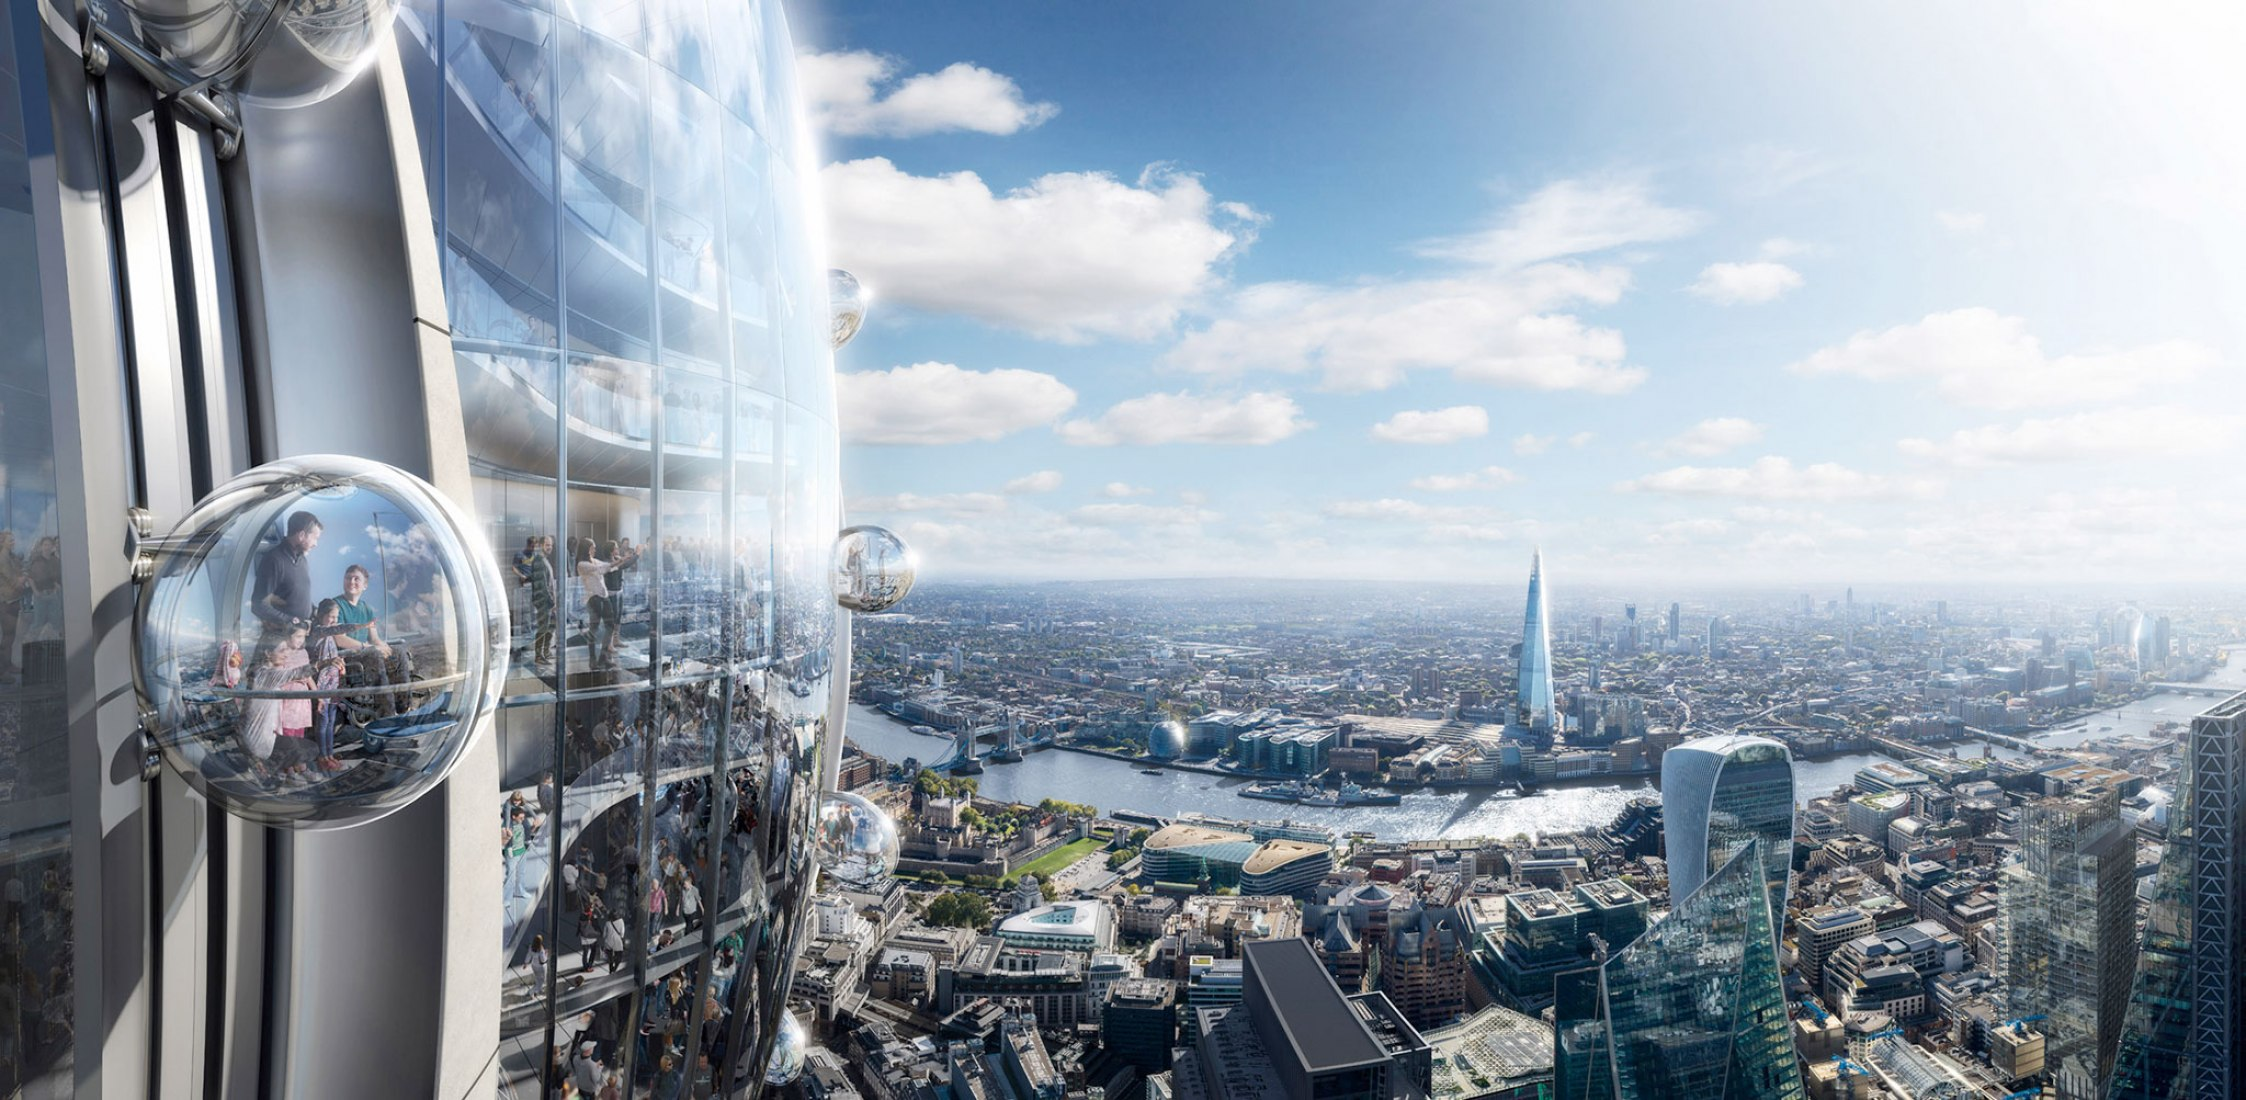 La gente puede ver la ciudad desde las góndolas de vidrio que giran alrededor del